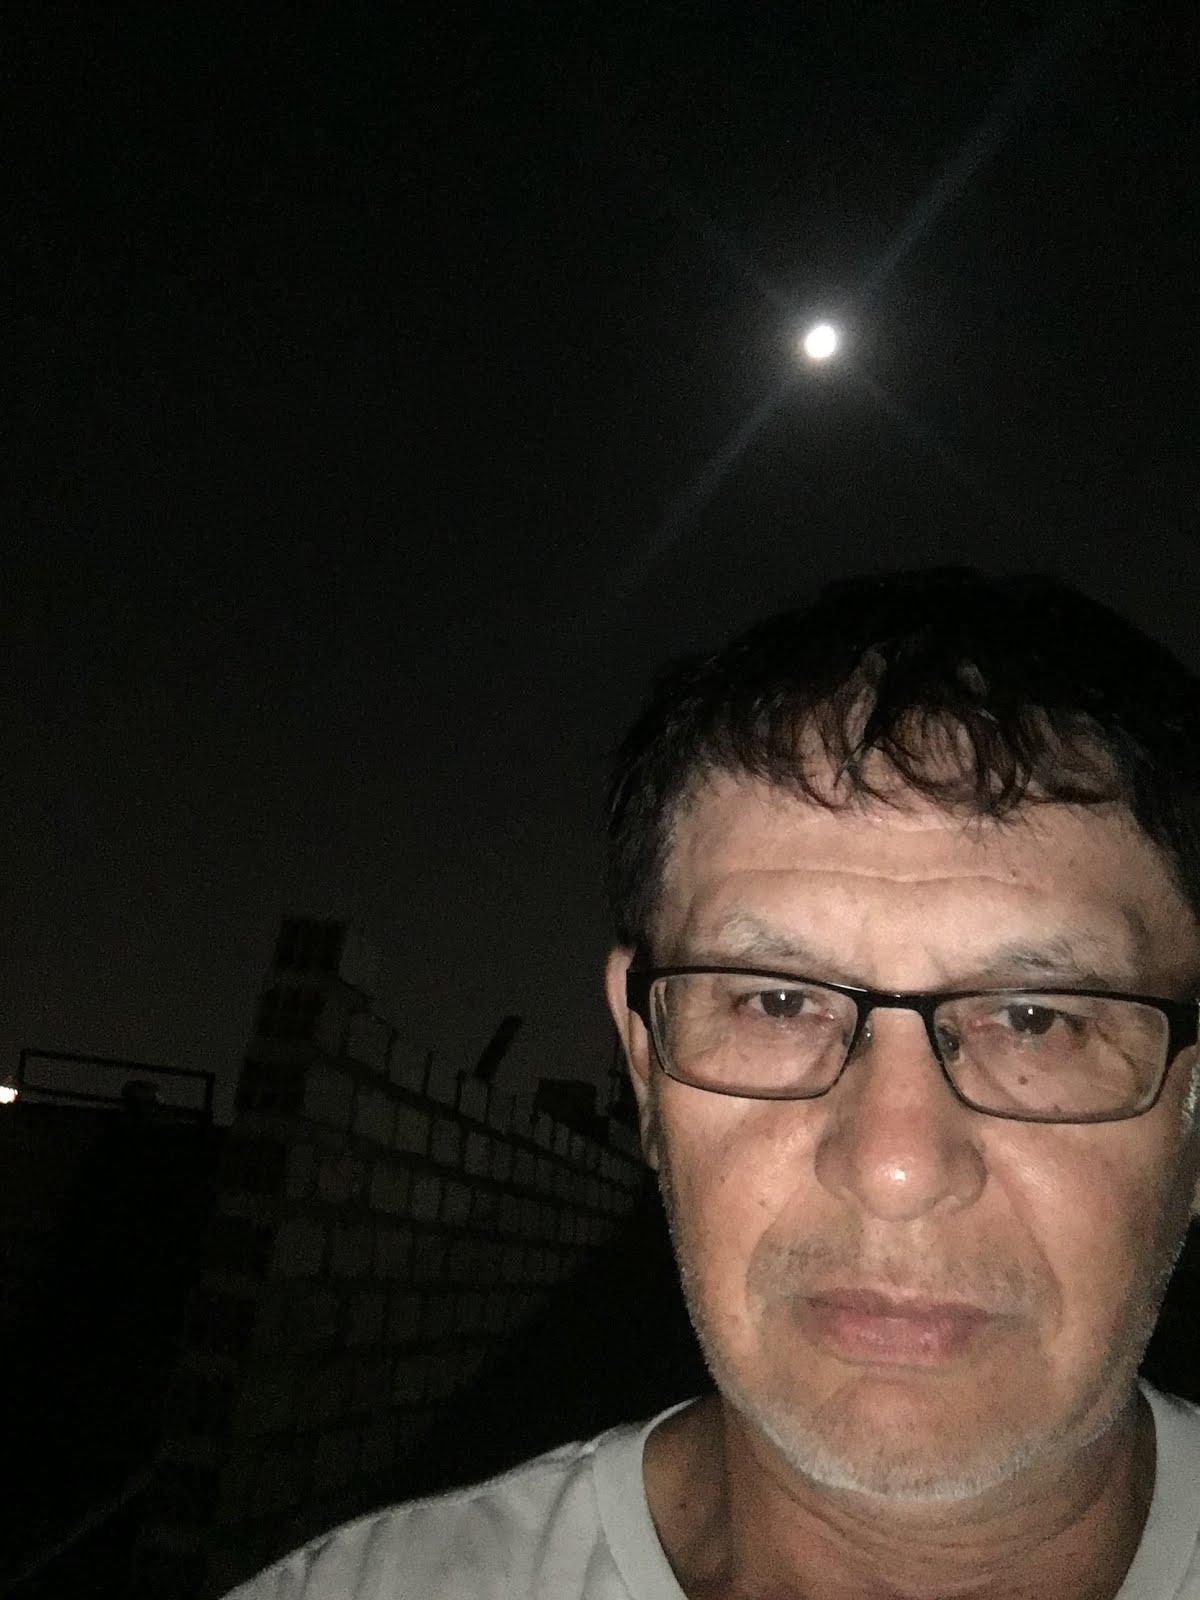 Noche de luna en perigeo,marzo 10, 2020